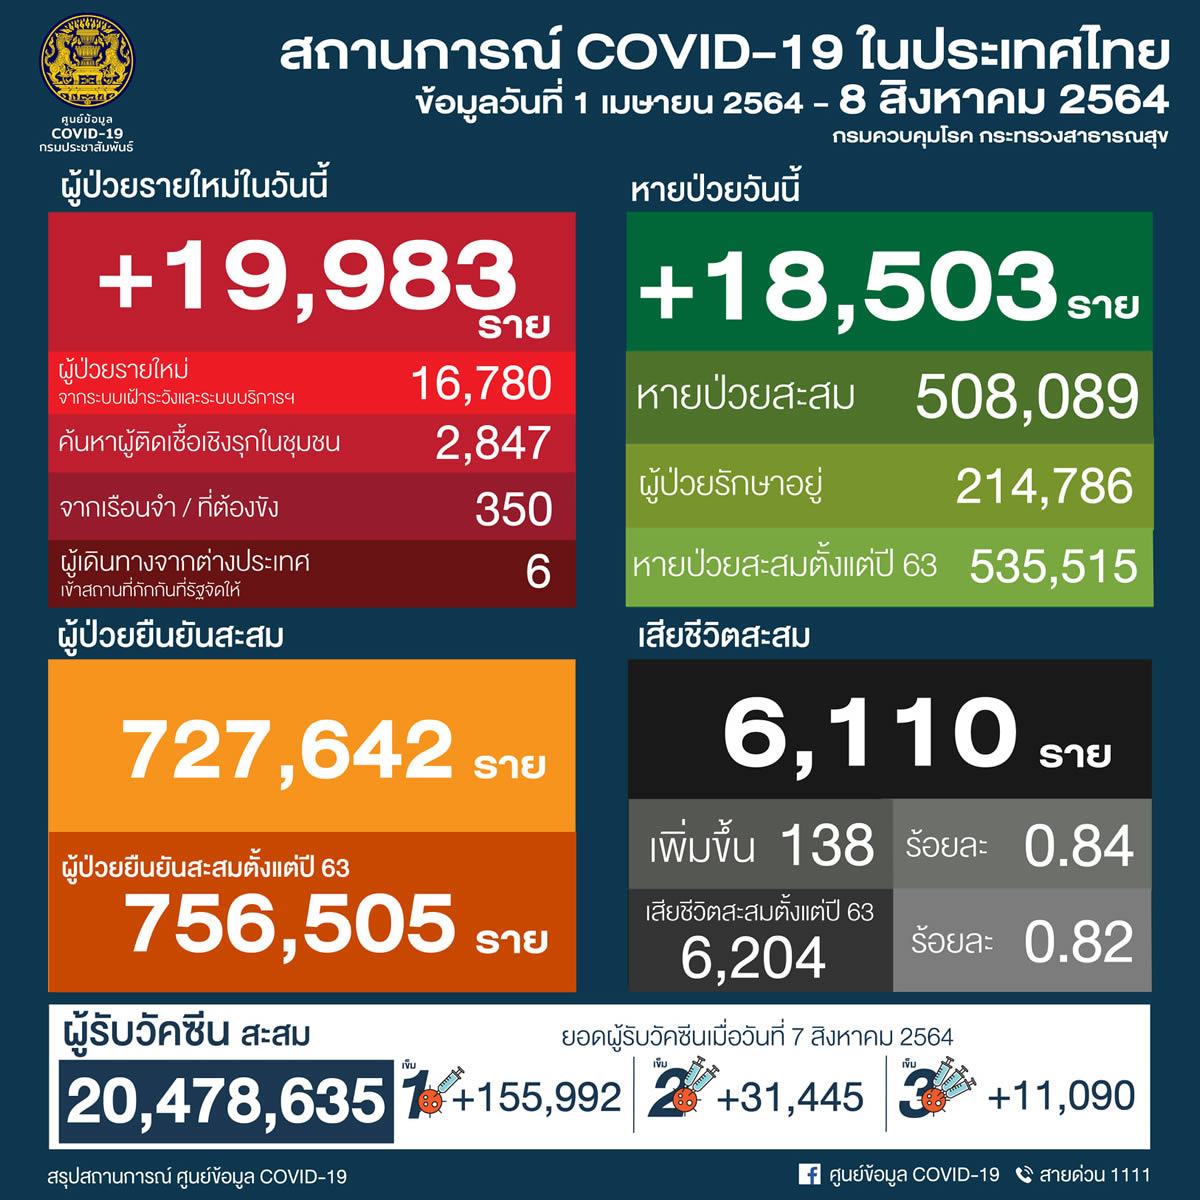 タイ 19,983人陽性 138人死亡/バンコク 3,080人陽性 60人死亡[2021年8月8日発表]